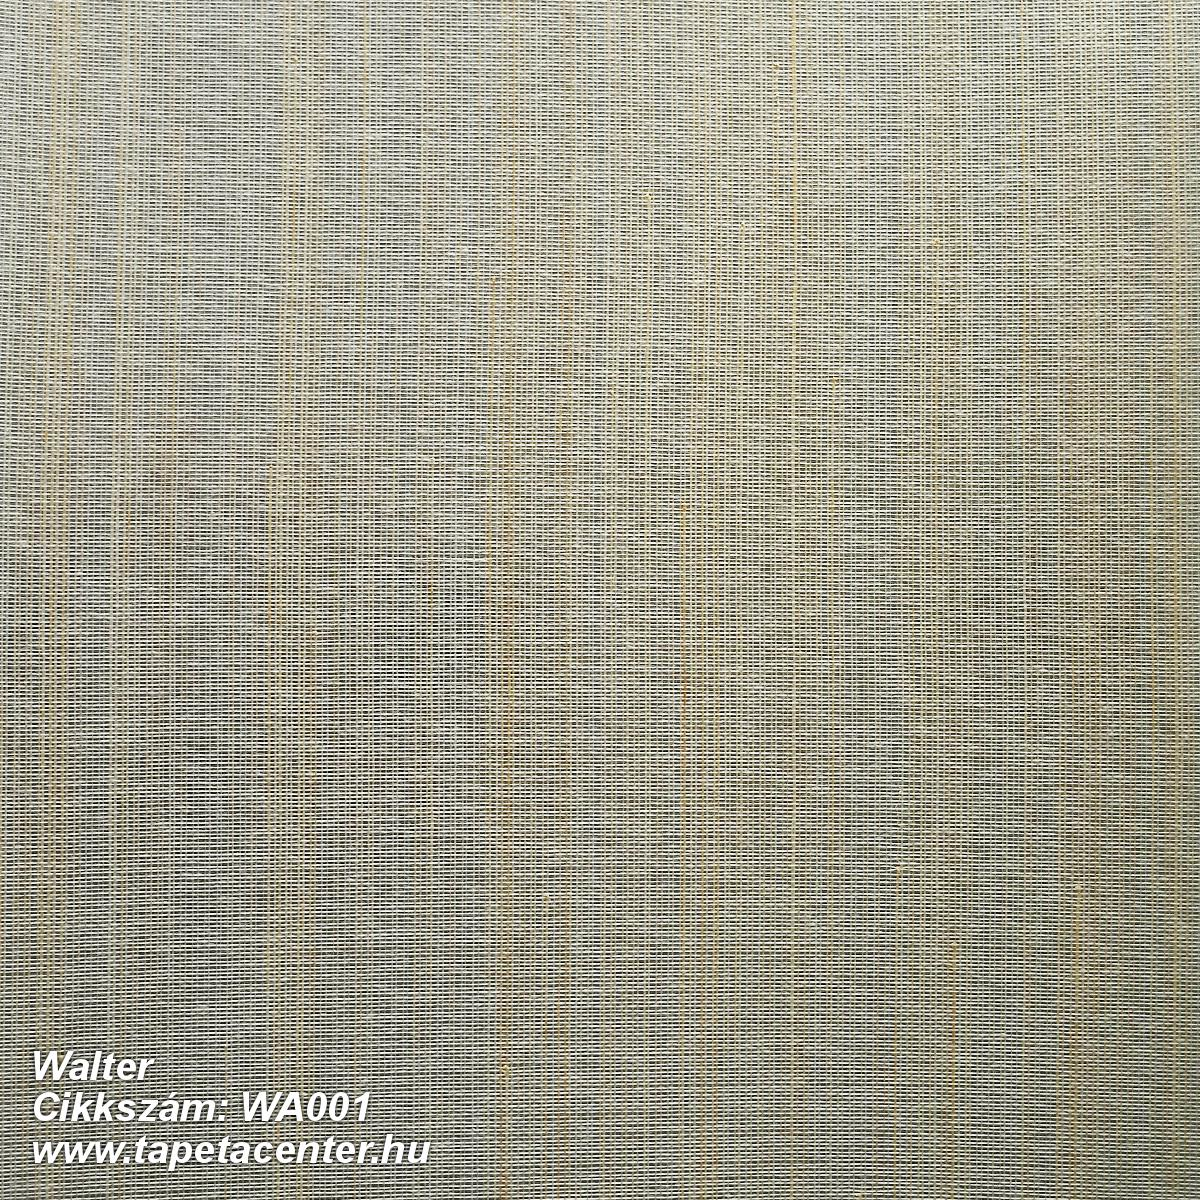 Absztrakt,különleges felületű,metál-fényes,arany,zöld,gyengén mosható,illesztés mentes,vlies tapéta